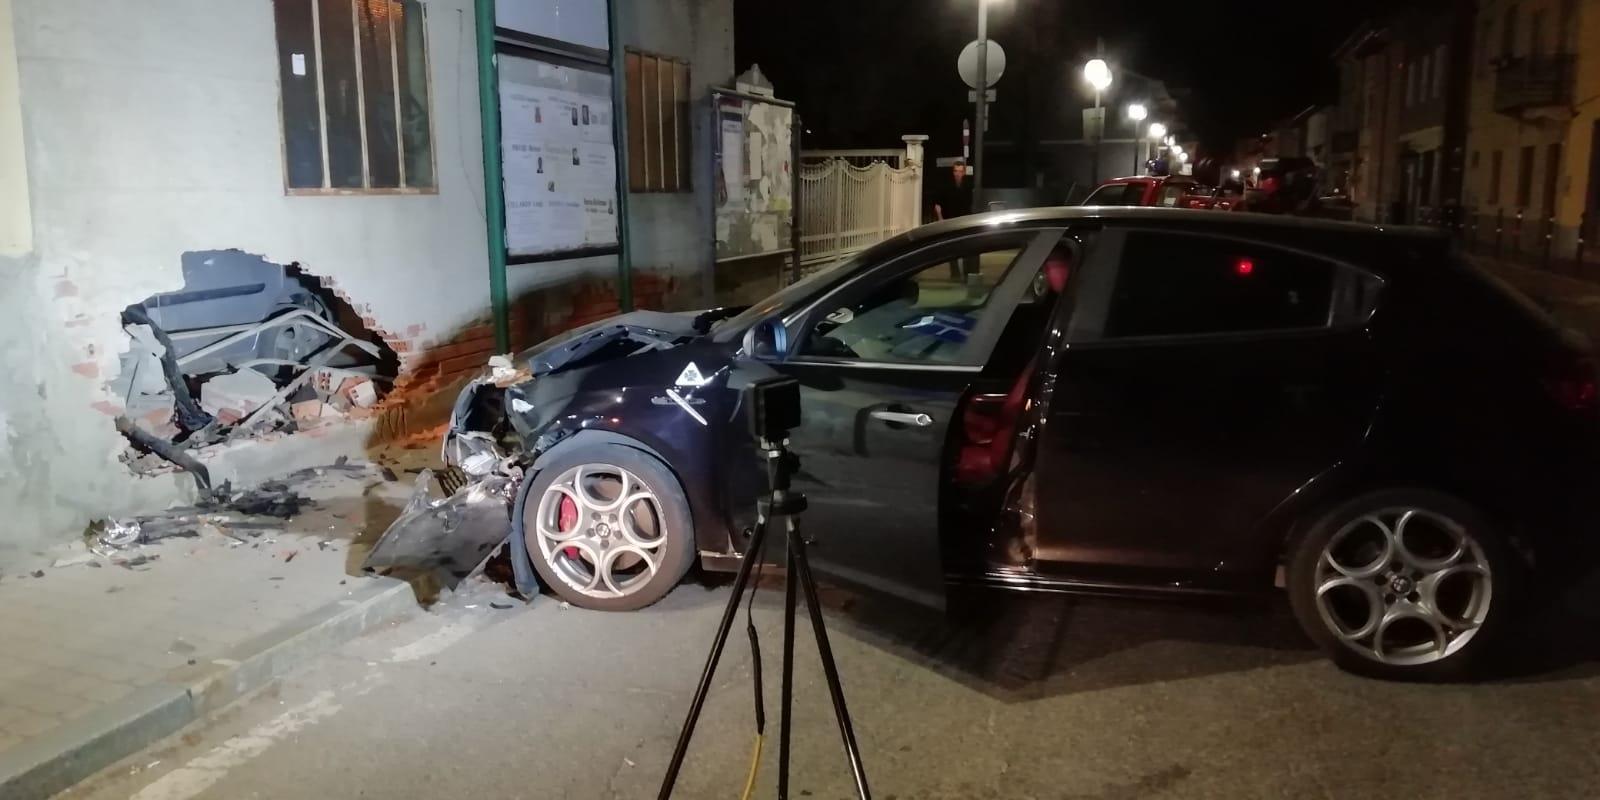 BOSCONERO - Incidente stradale: un uomo di Salassa in prognosi riservata al Giovanni Bosco - FOTO